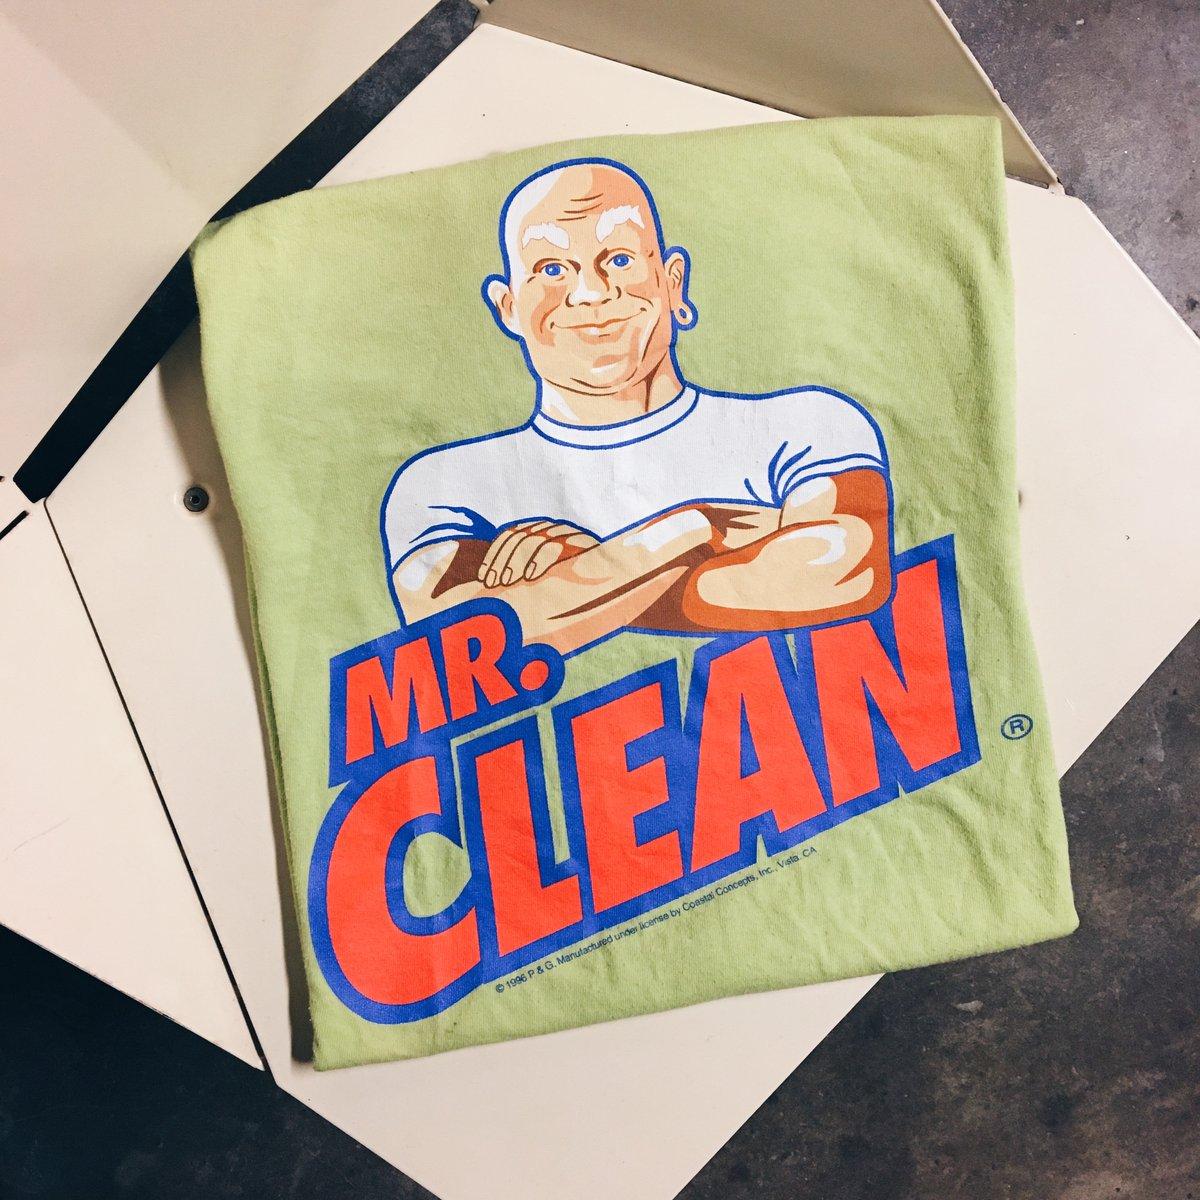 Image of Original 1996 Mr. Clean Tee.